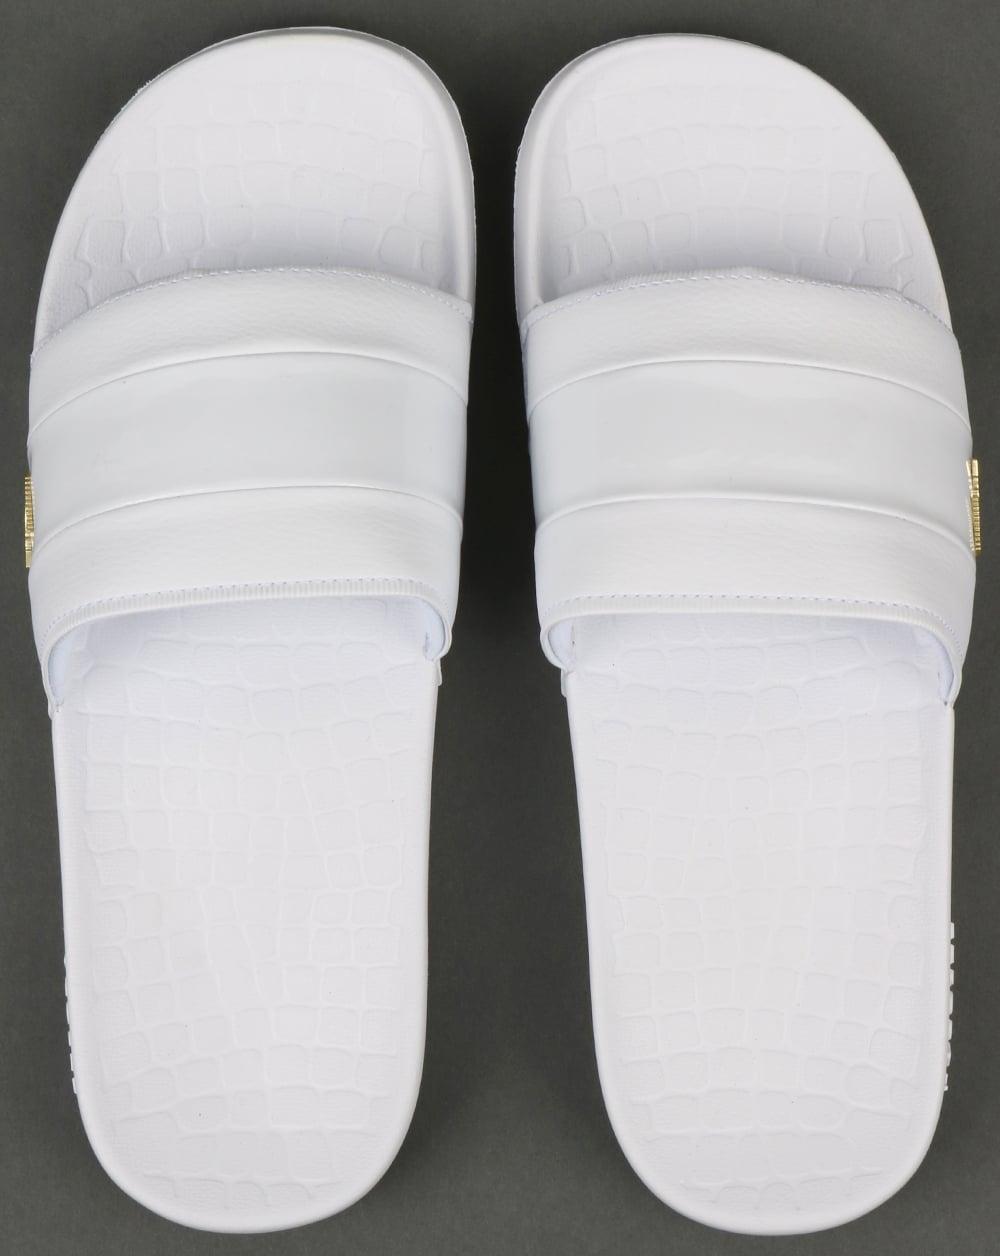 Lacoste Fraisier Sliders White/Gold